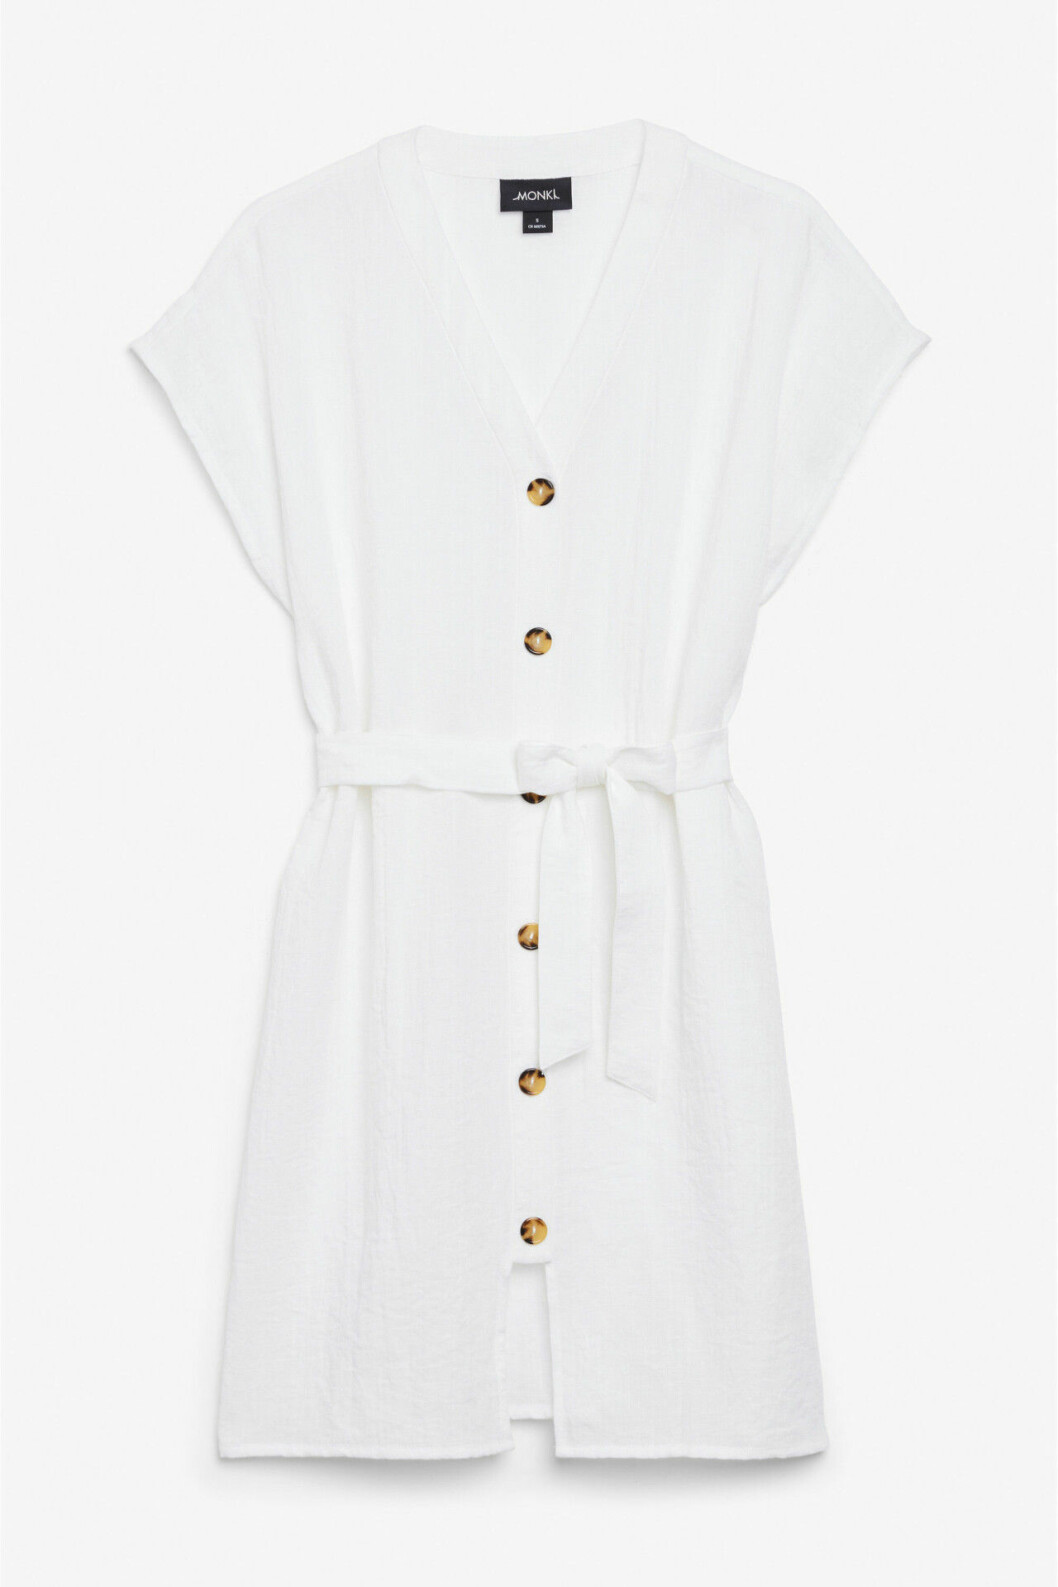 Studentklänning 2019 med knappar från Monki